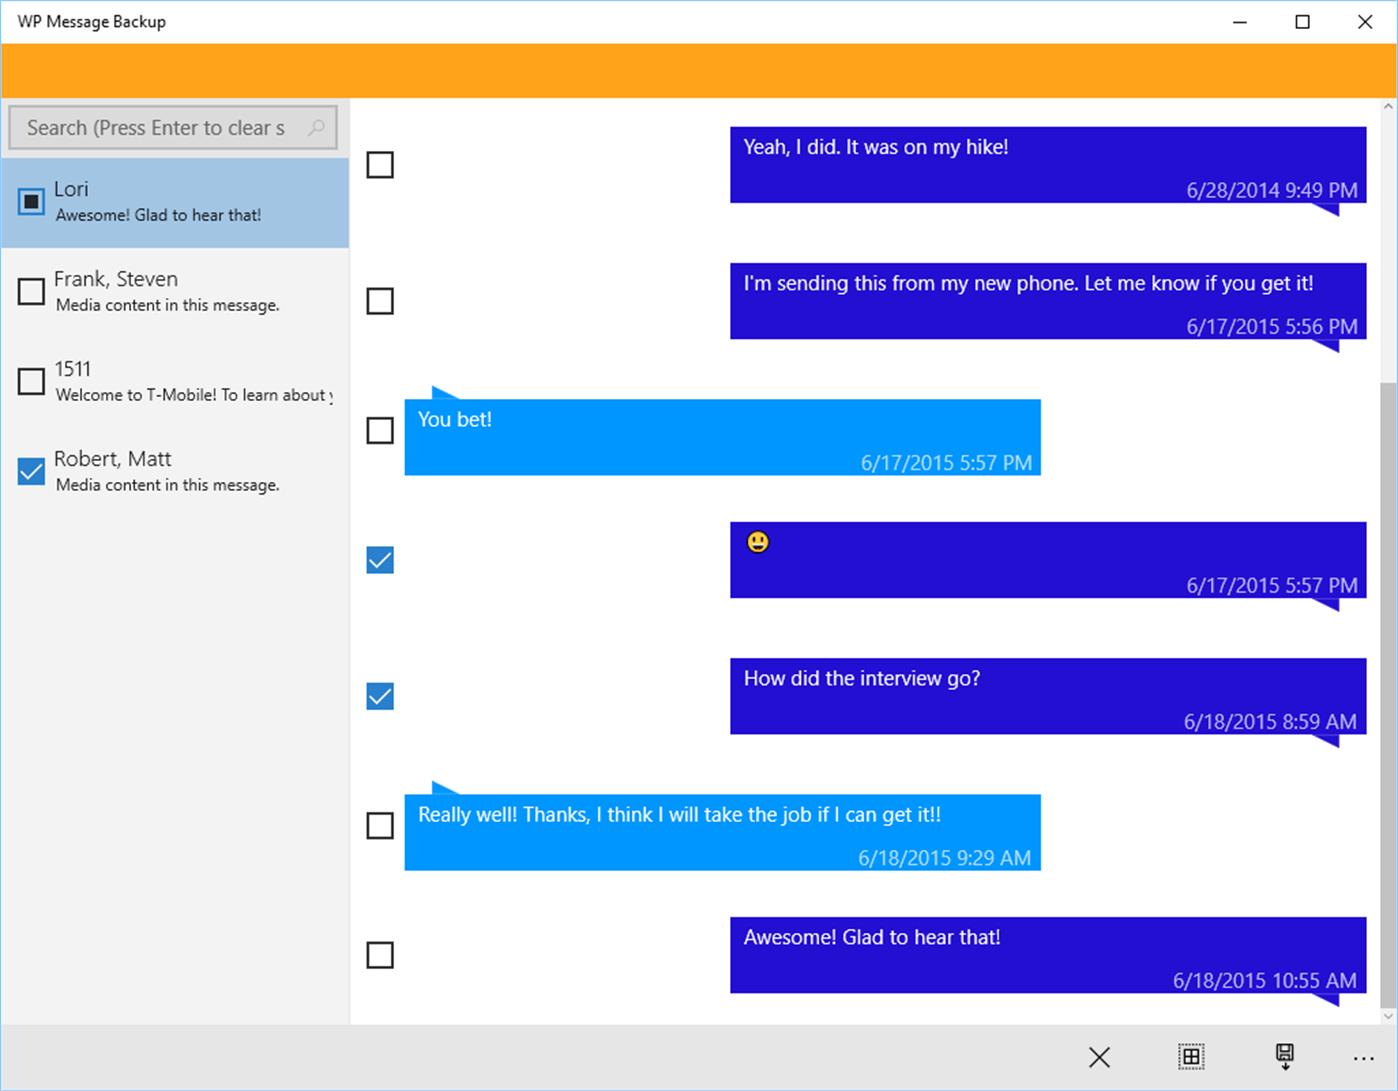 Trasferire SMS da Windows Phone (Lumia) su Android